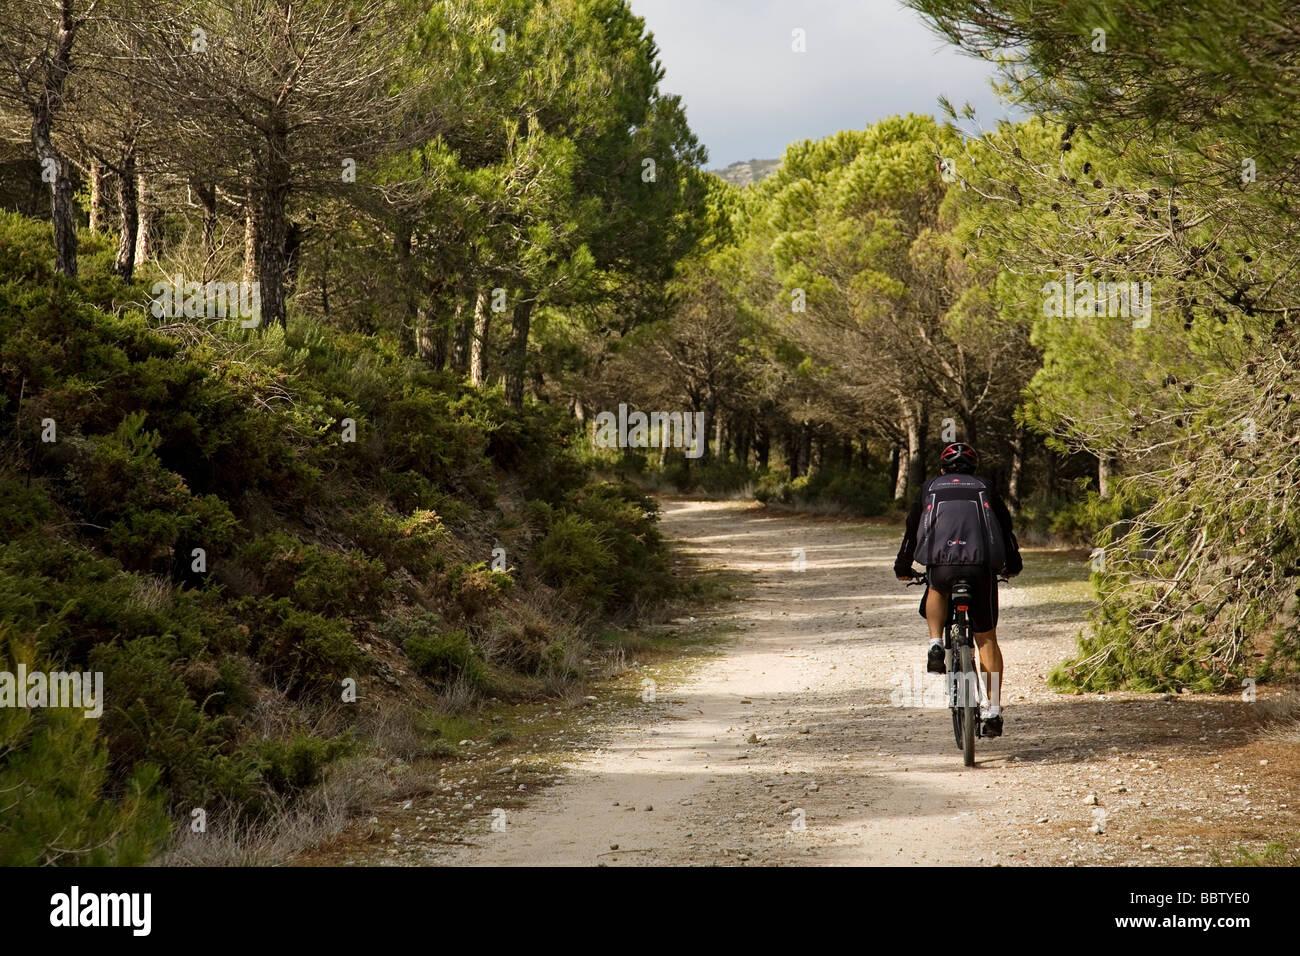 Ciclista Bosque Mediterraneo Pinos Sierra de Mijas Málaga Andalucía España Cycling Mediterranean - Stock Image